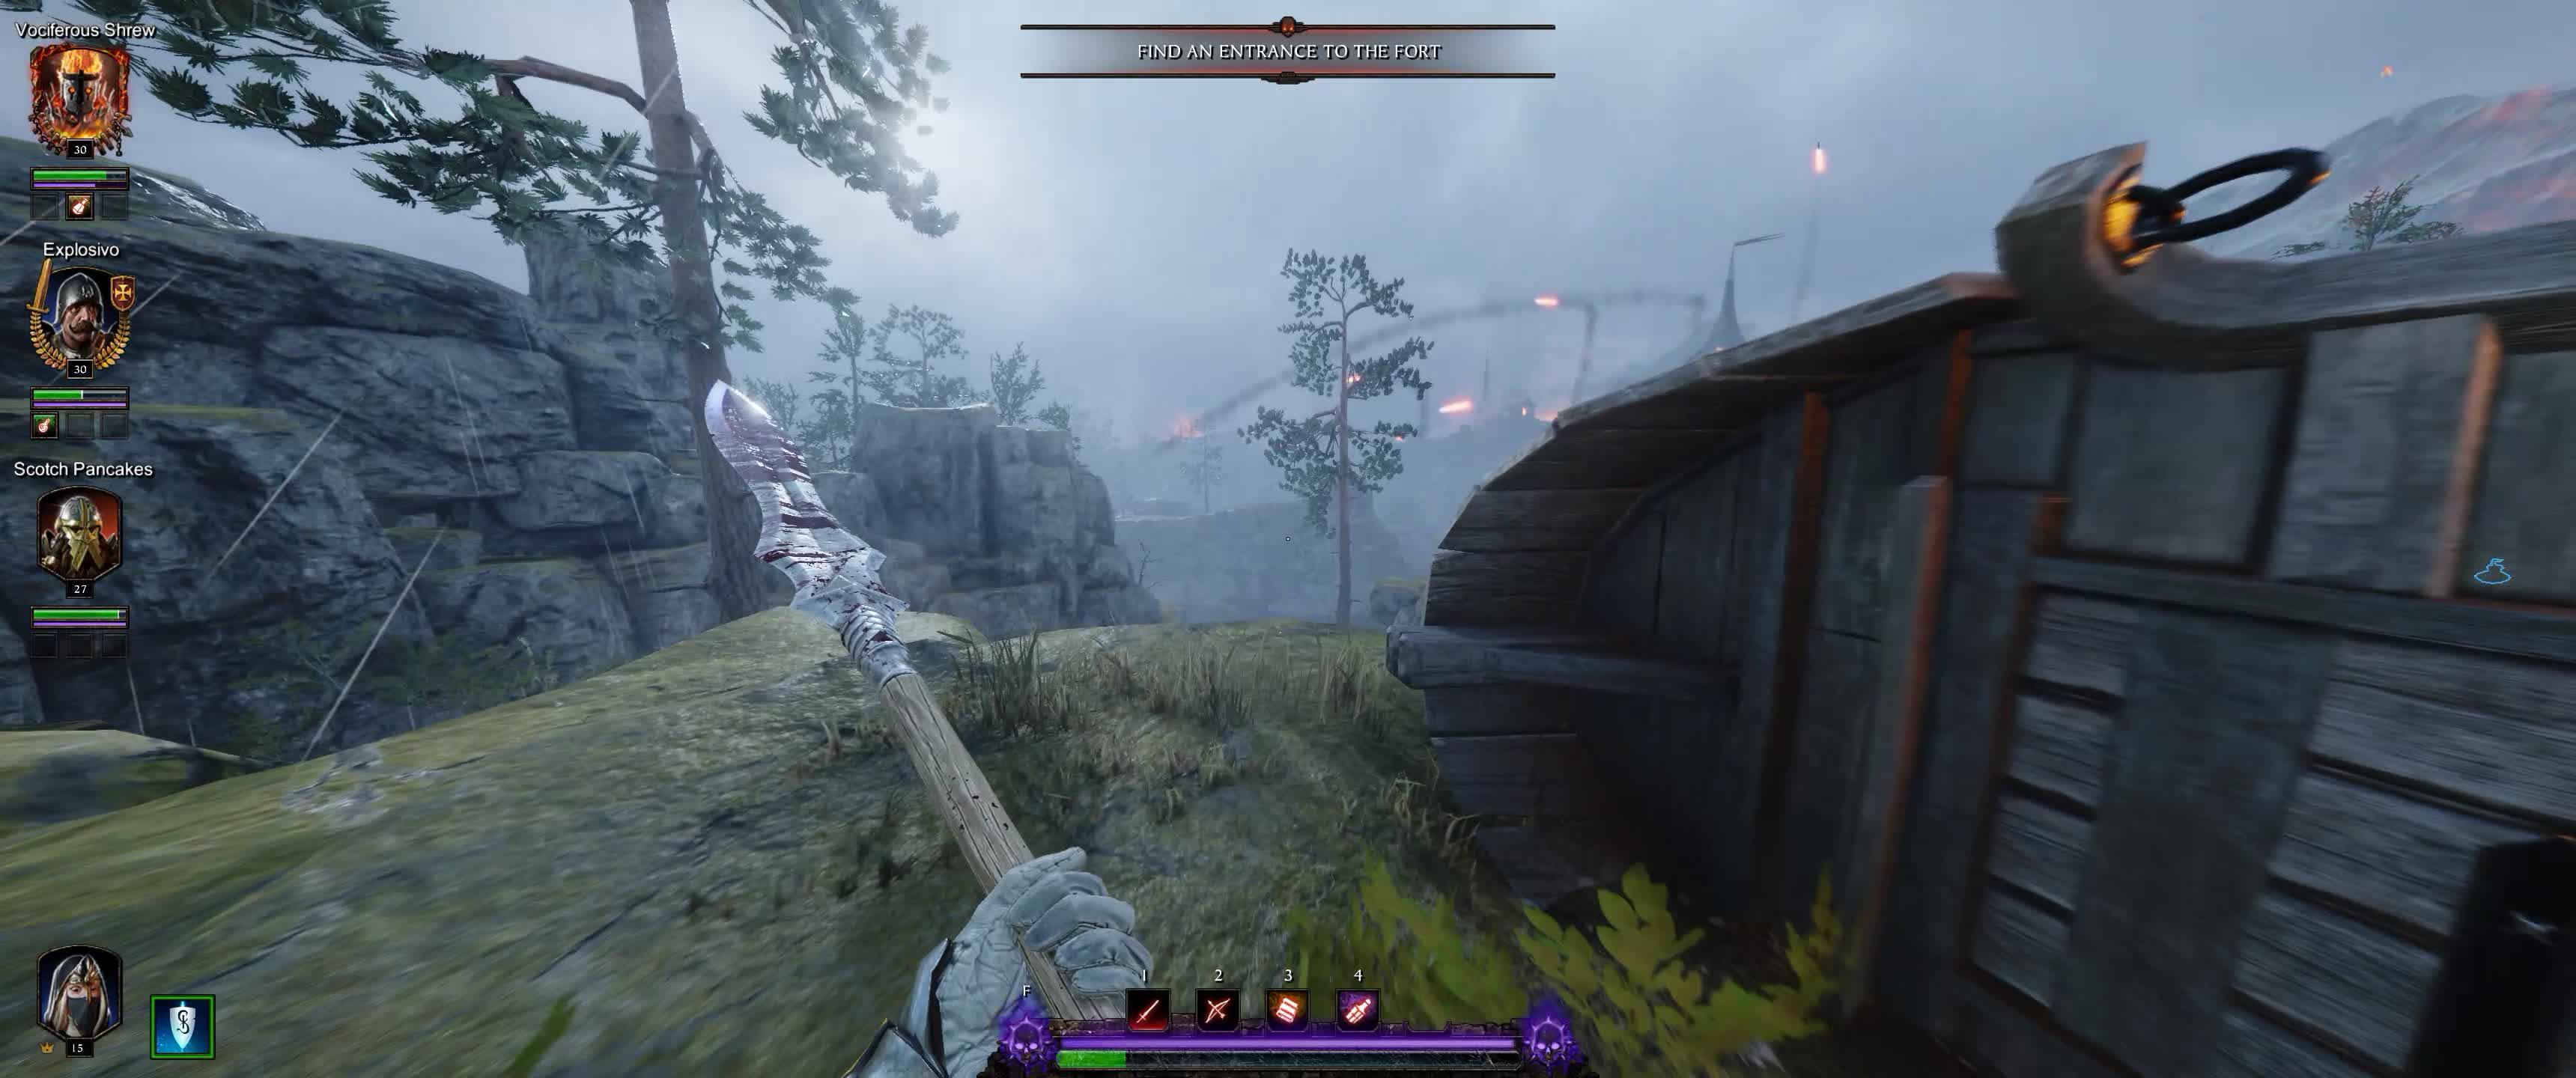 vermintide, Warhammer Vermintide 2 2019.03.04 - 19.08.10.04.DVR GIFs